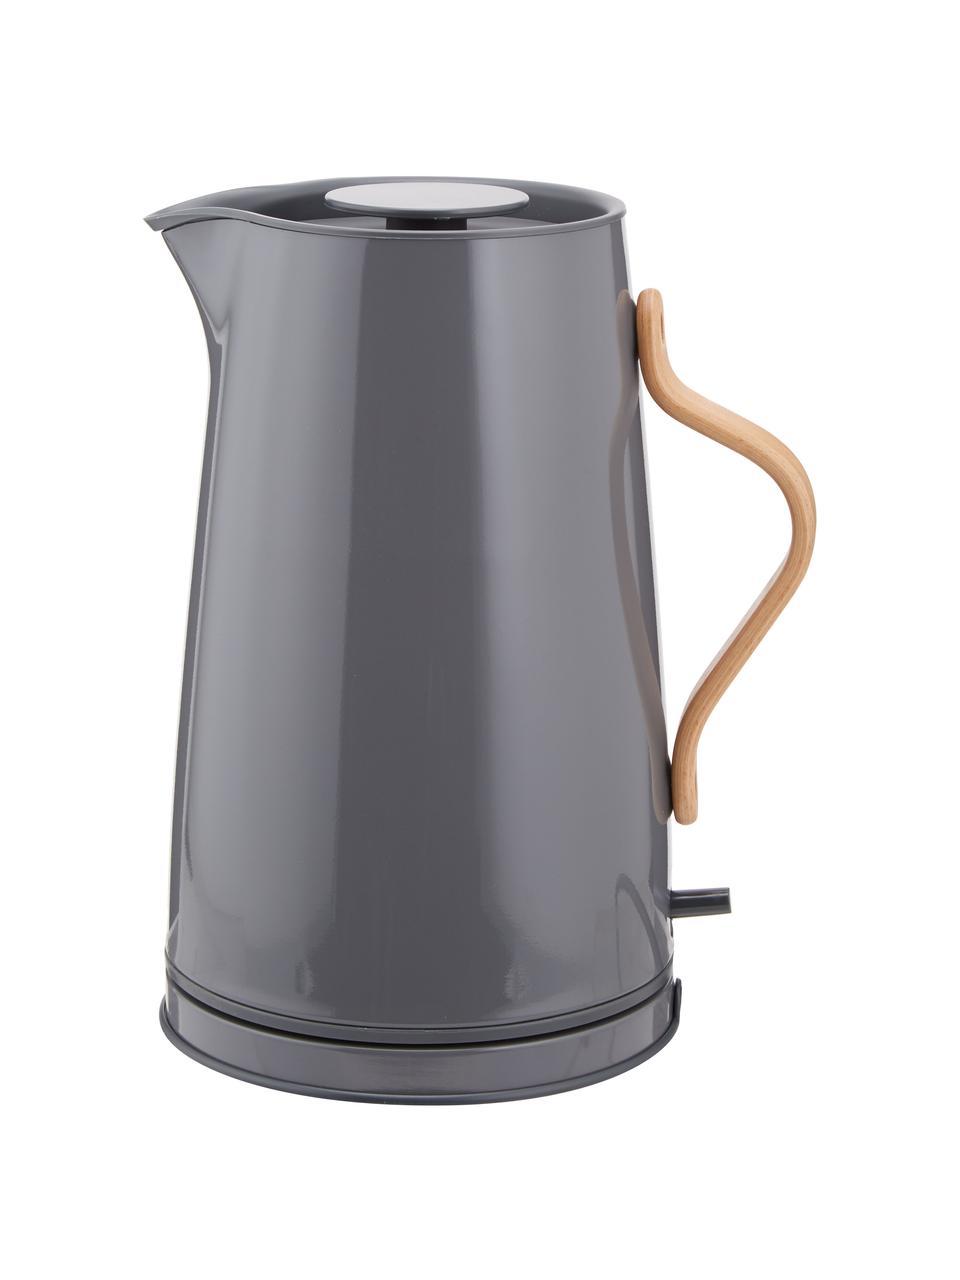 Wasserkocher Emma in Grau glänzend, Korpus: Edelstahl, Beschichtung: Emaille, Griff: Buchenholz, Grau, 1.2 L